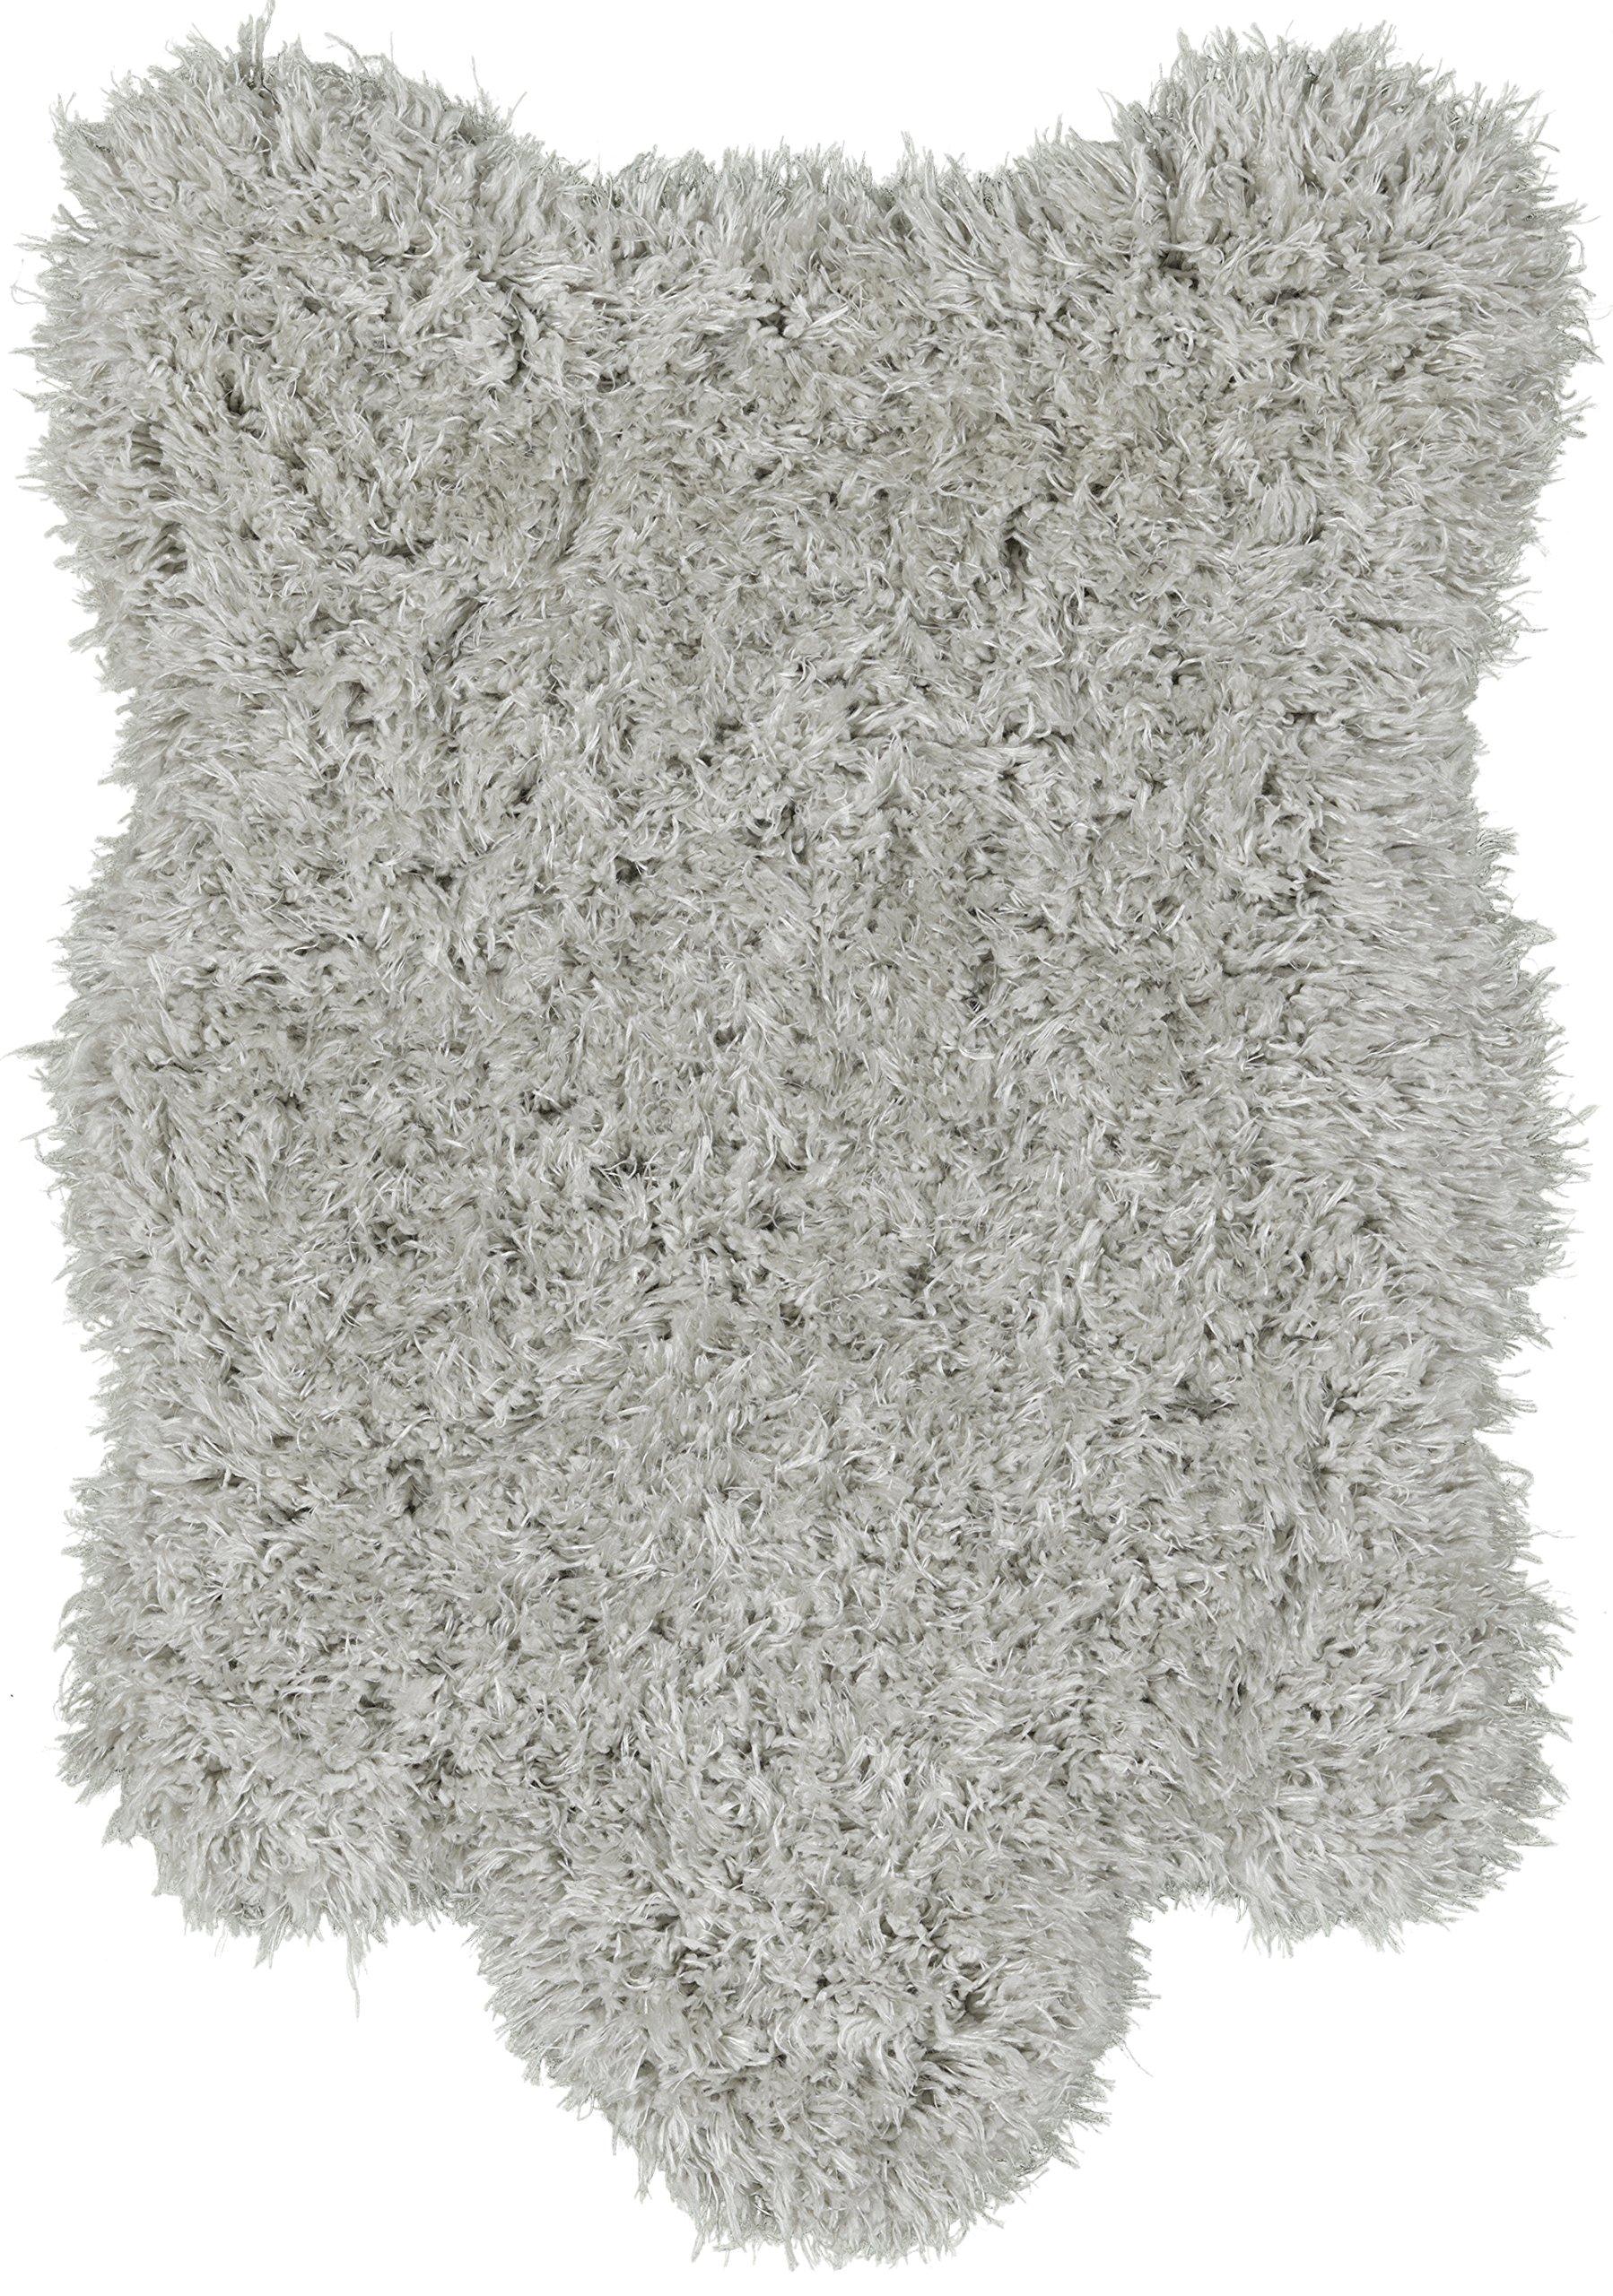 Ottomanson Flokati Collection Faux Sheepskin Lambskin Design Shag Rug, 2'X3'3'', Grey